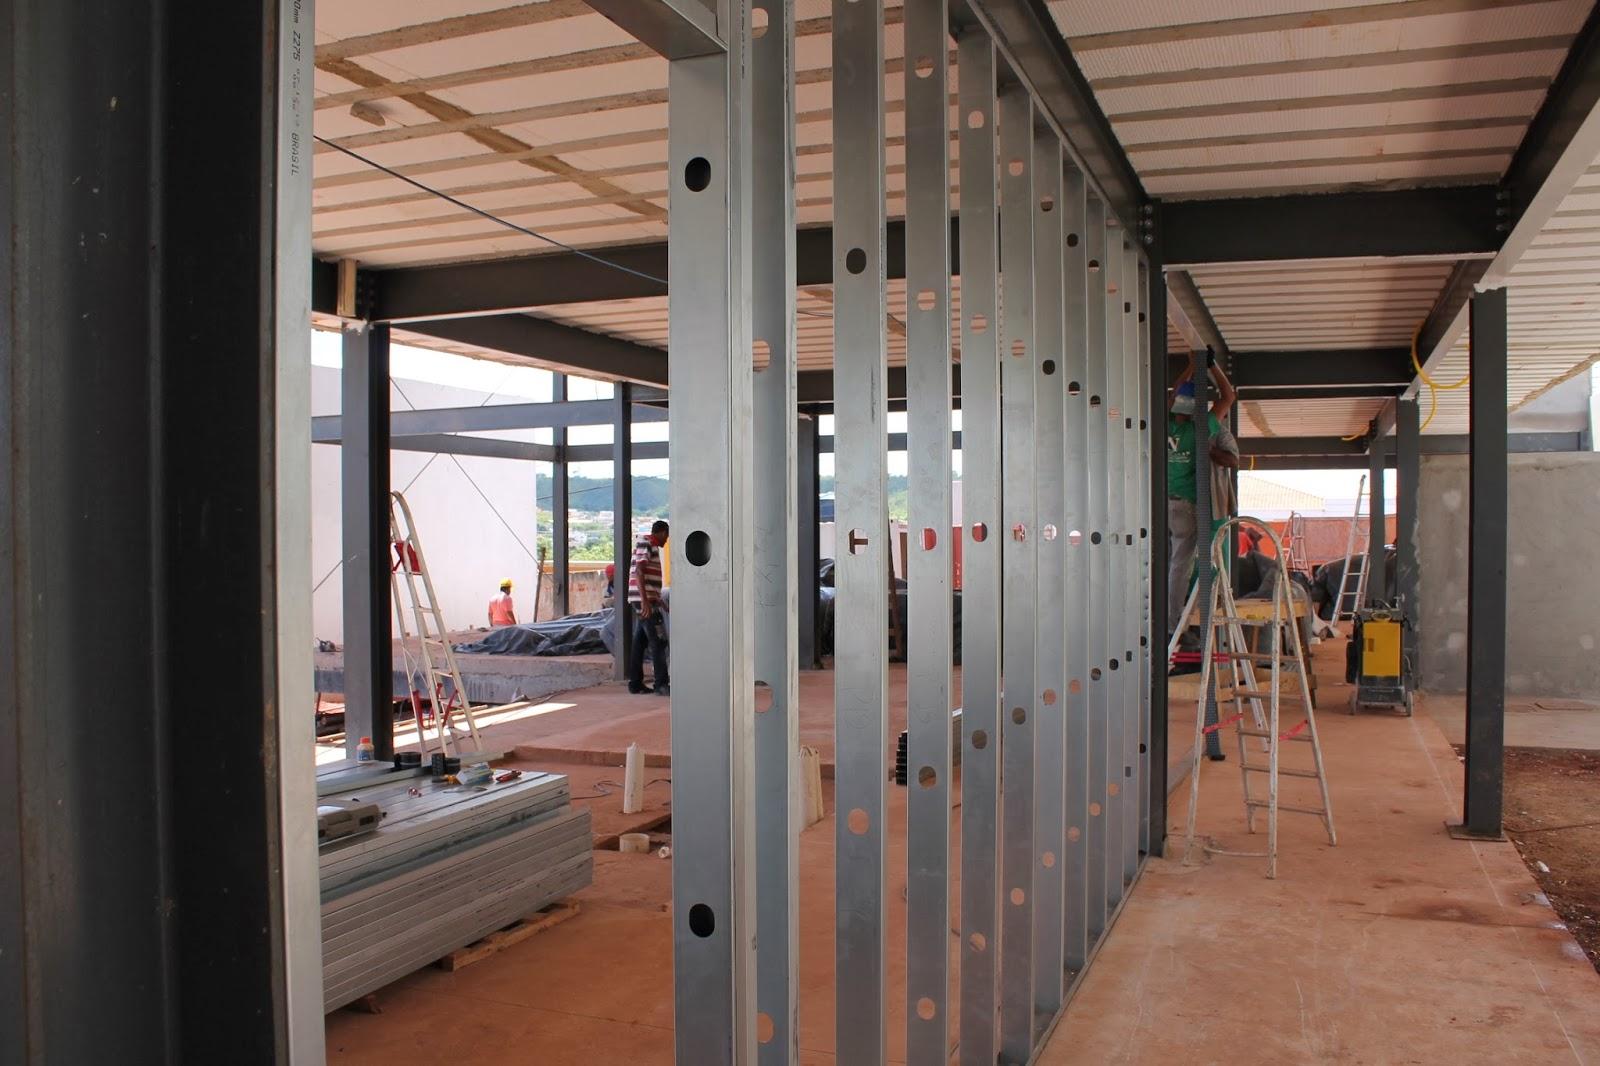 SISTEMA STEEL FRAME – Método de construção seca que garante resistência e rapidez nas obras.